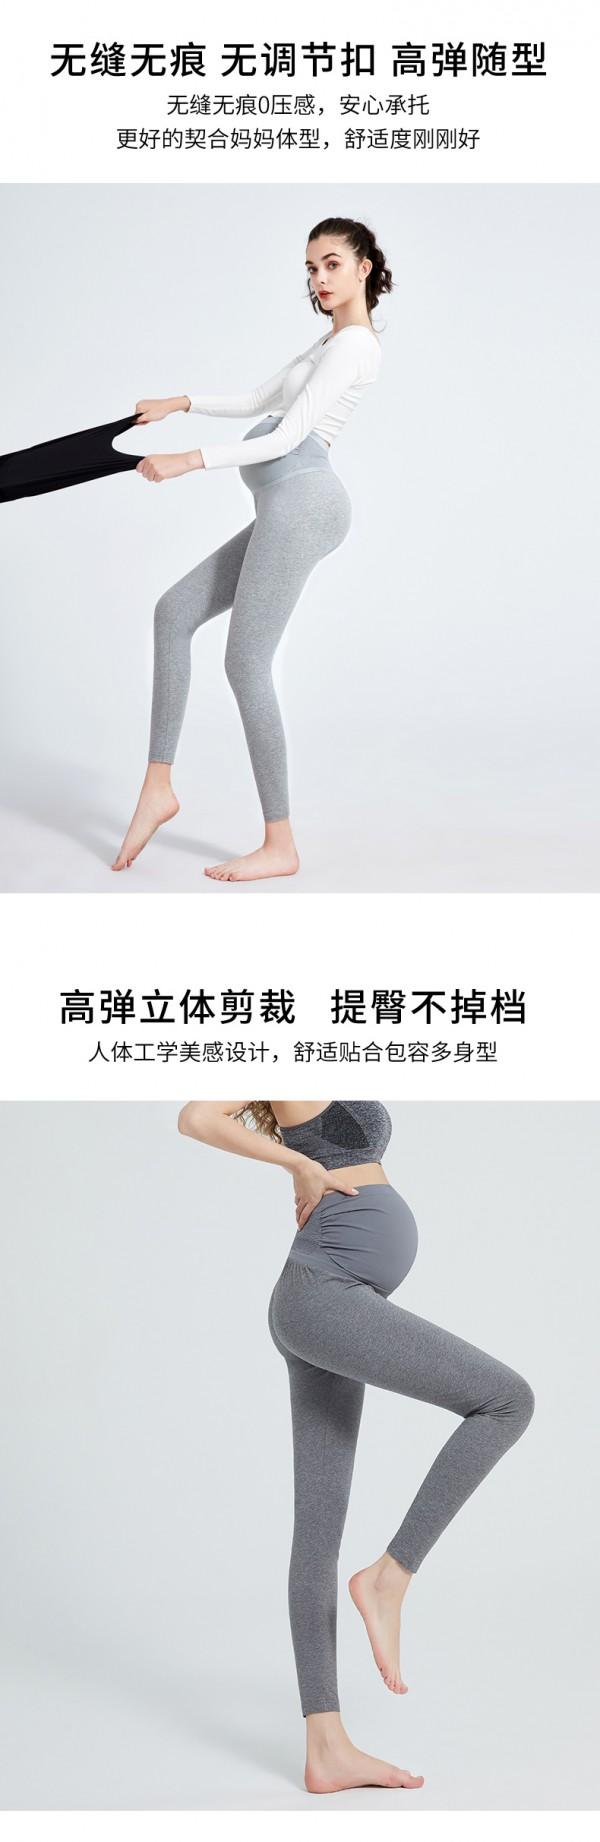 孕之彩冬季加绒孕妇裤 柔软舒适 弹力自如 让你孕期更舒适